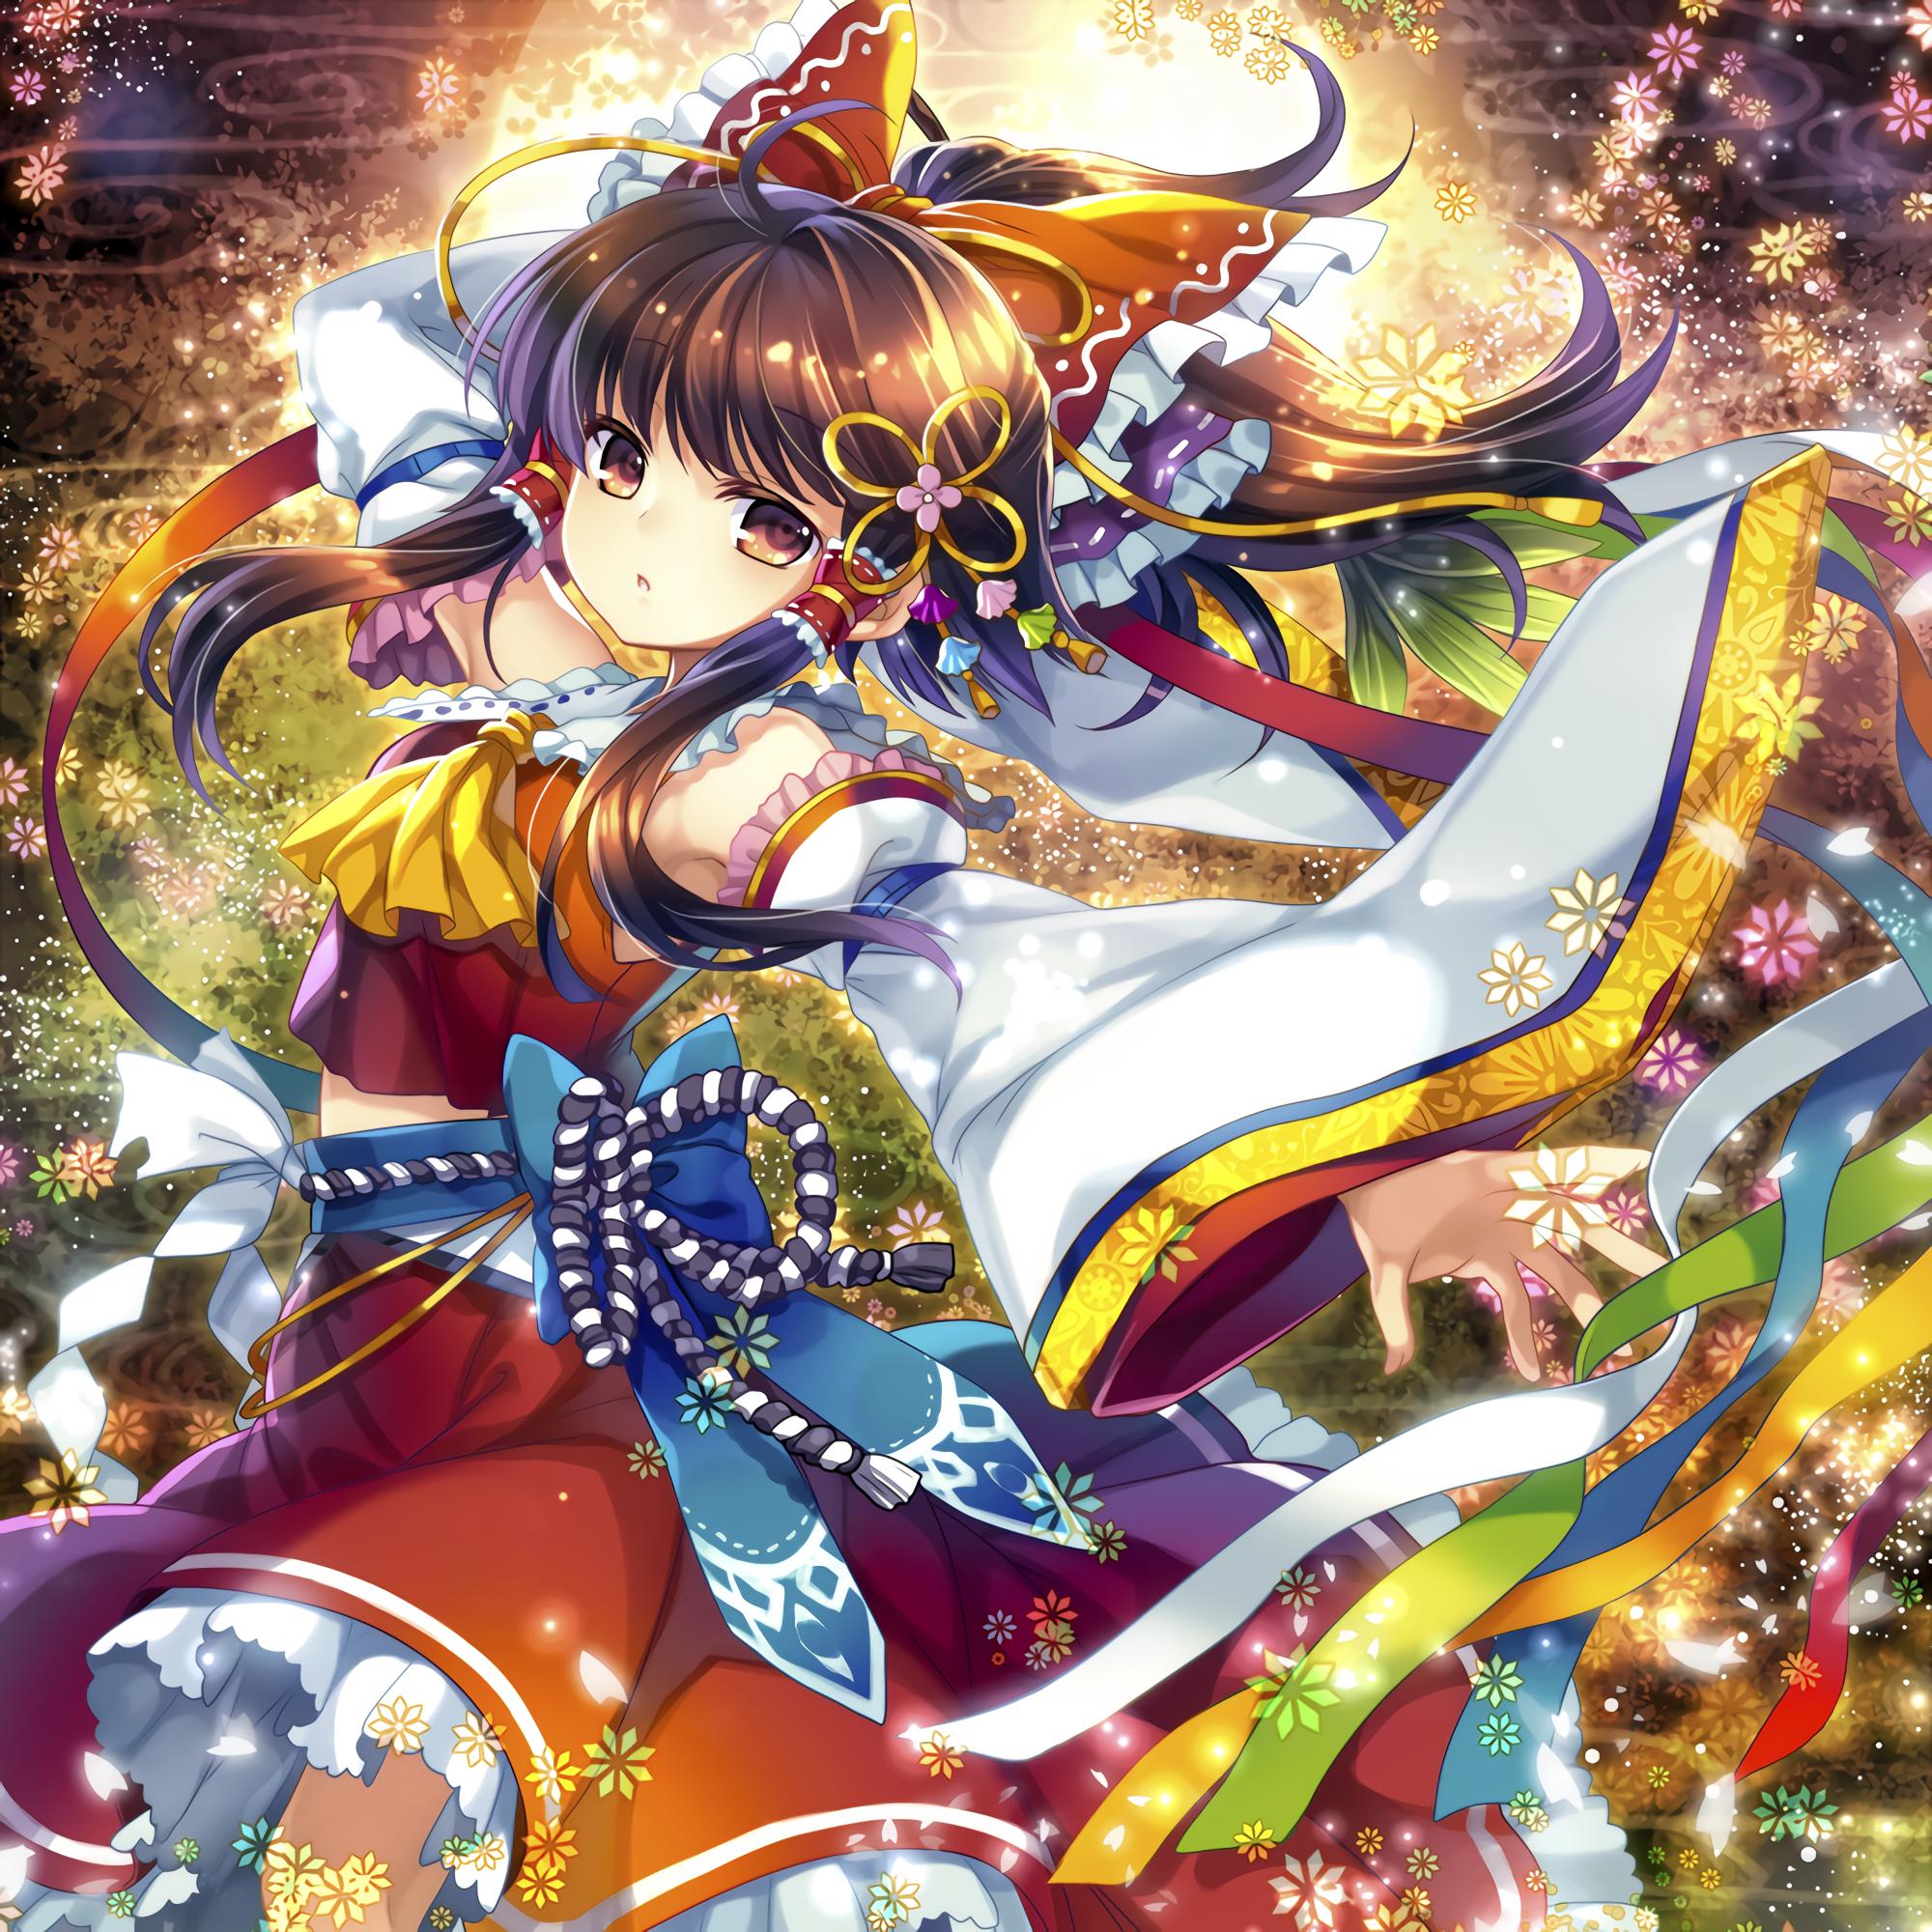 東方 Touhou Anime, Anime images, Anime chibi